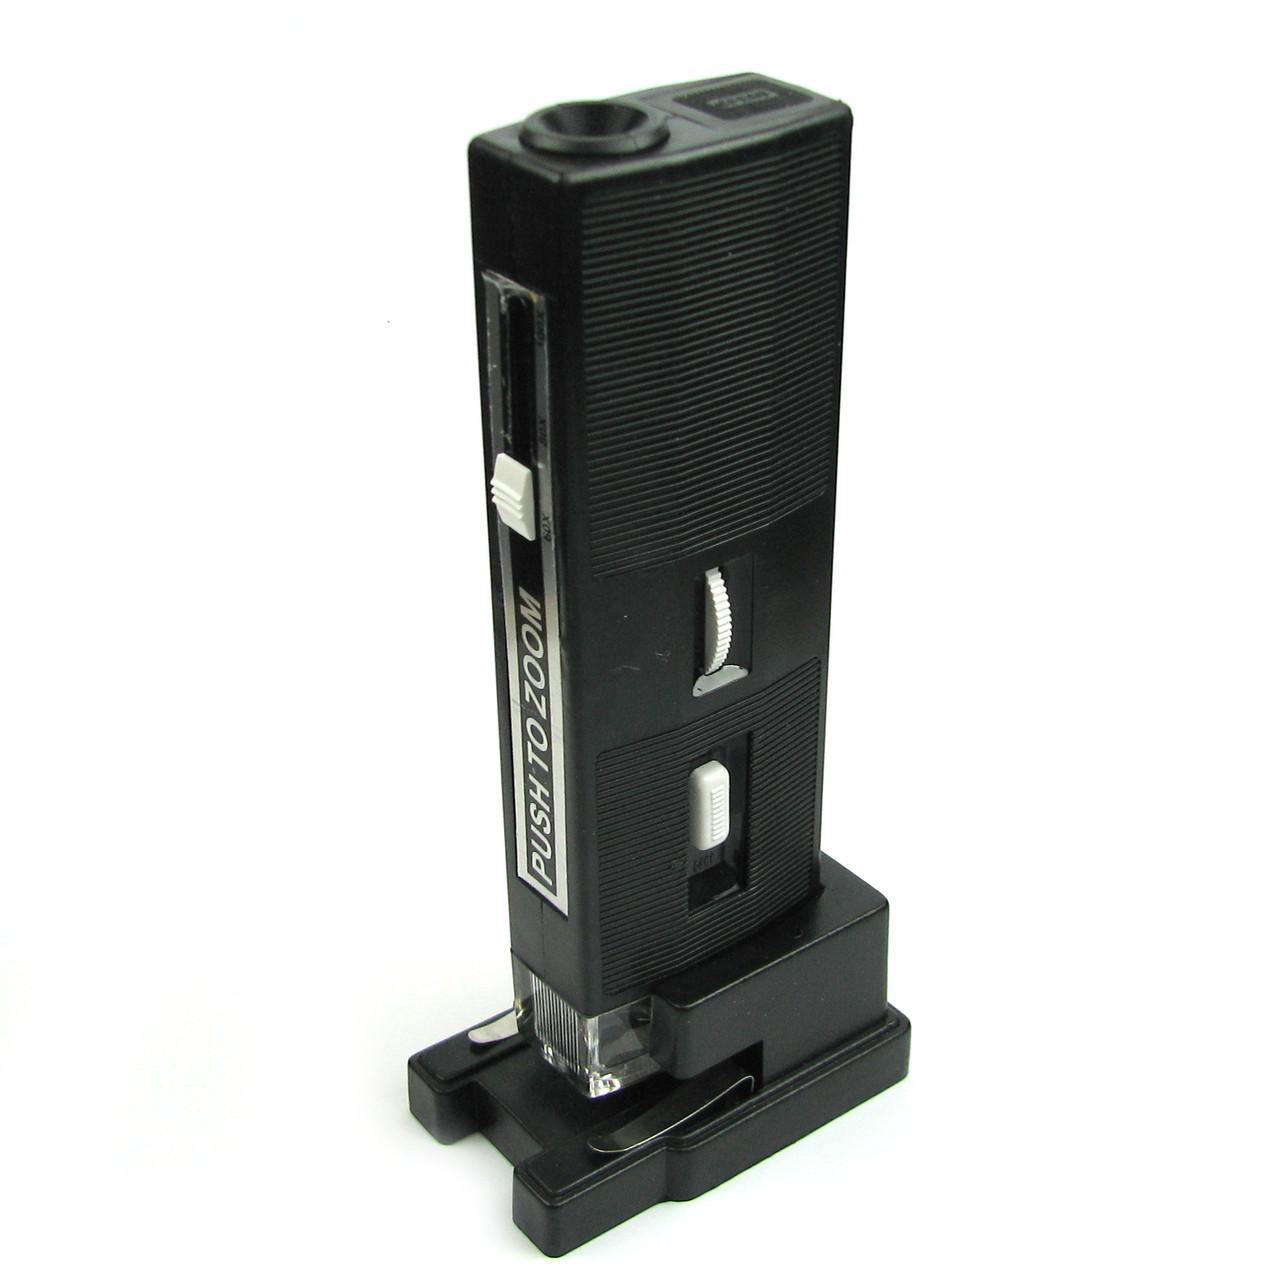 Микроскоп MG10085 c подсветкой и предметным столом увеличение 60-100x